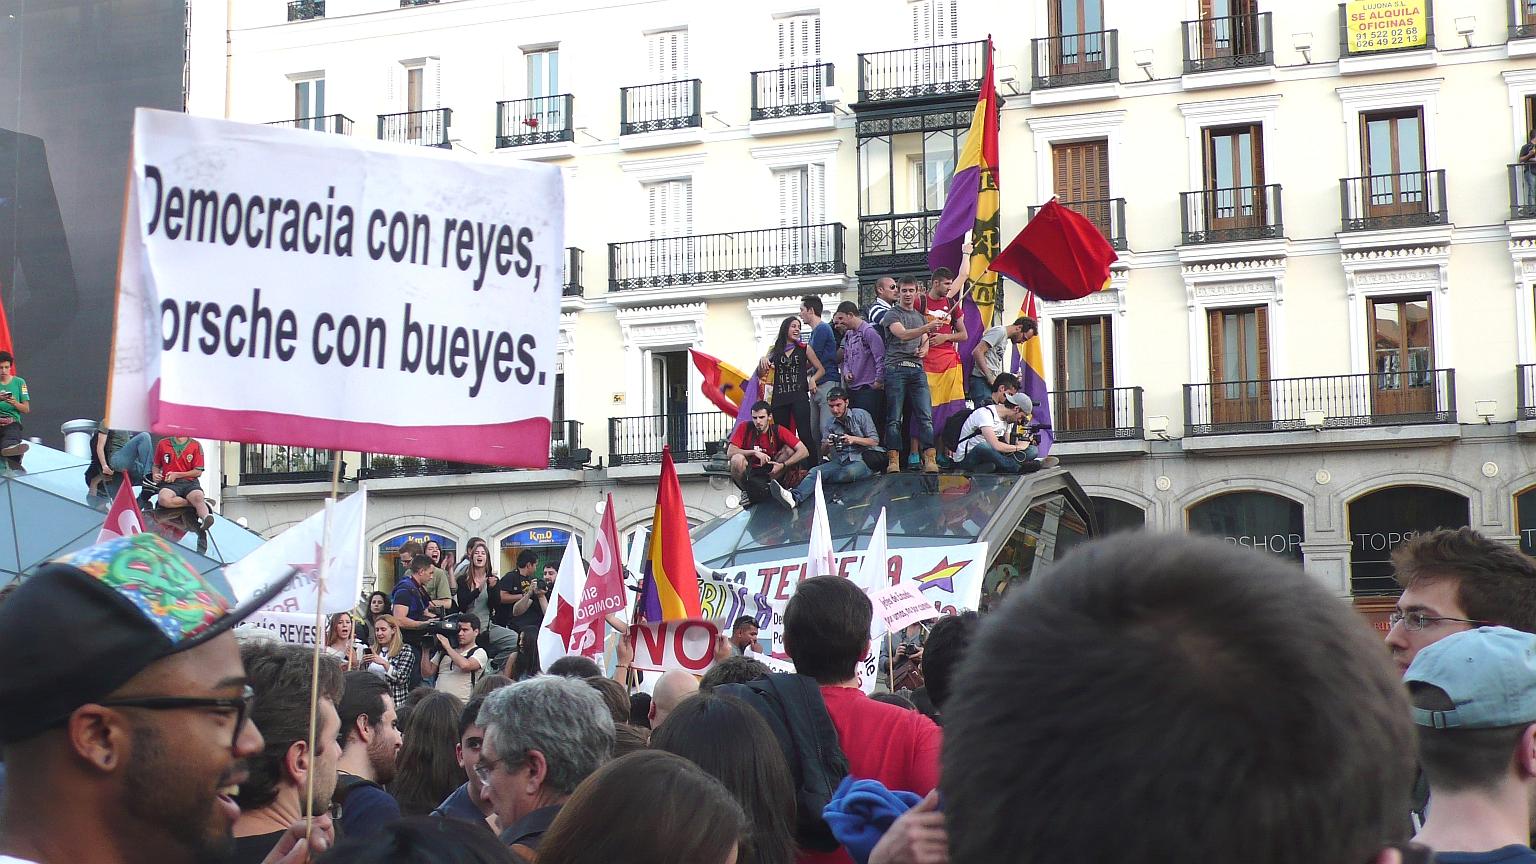 Puerta_del_Sol_Multitude_2014_06_02_2_E